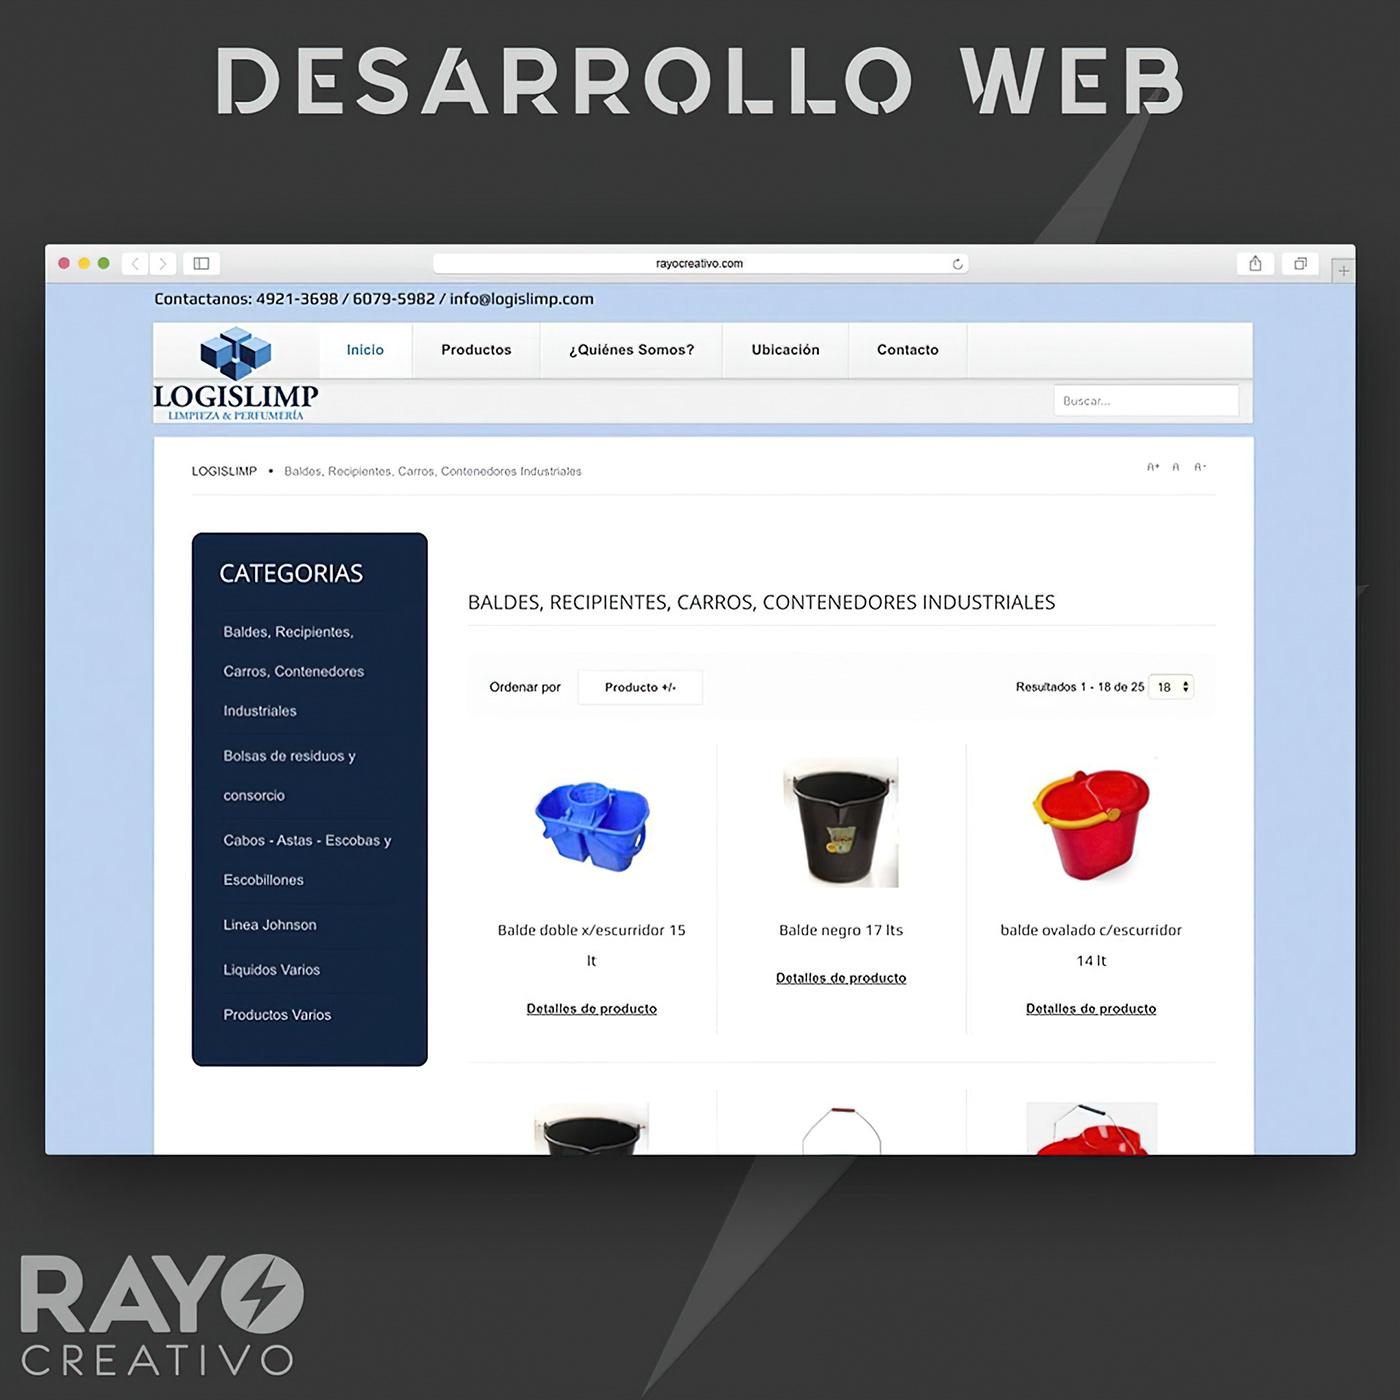 desarrollo web Diseño web e-commerce Ecommerce Responsive sitio web store tienda virtual Website wordpress